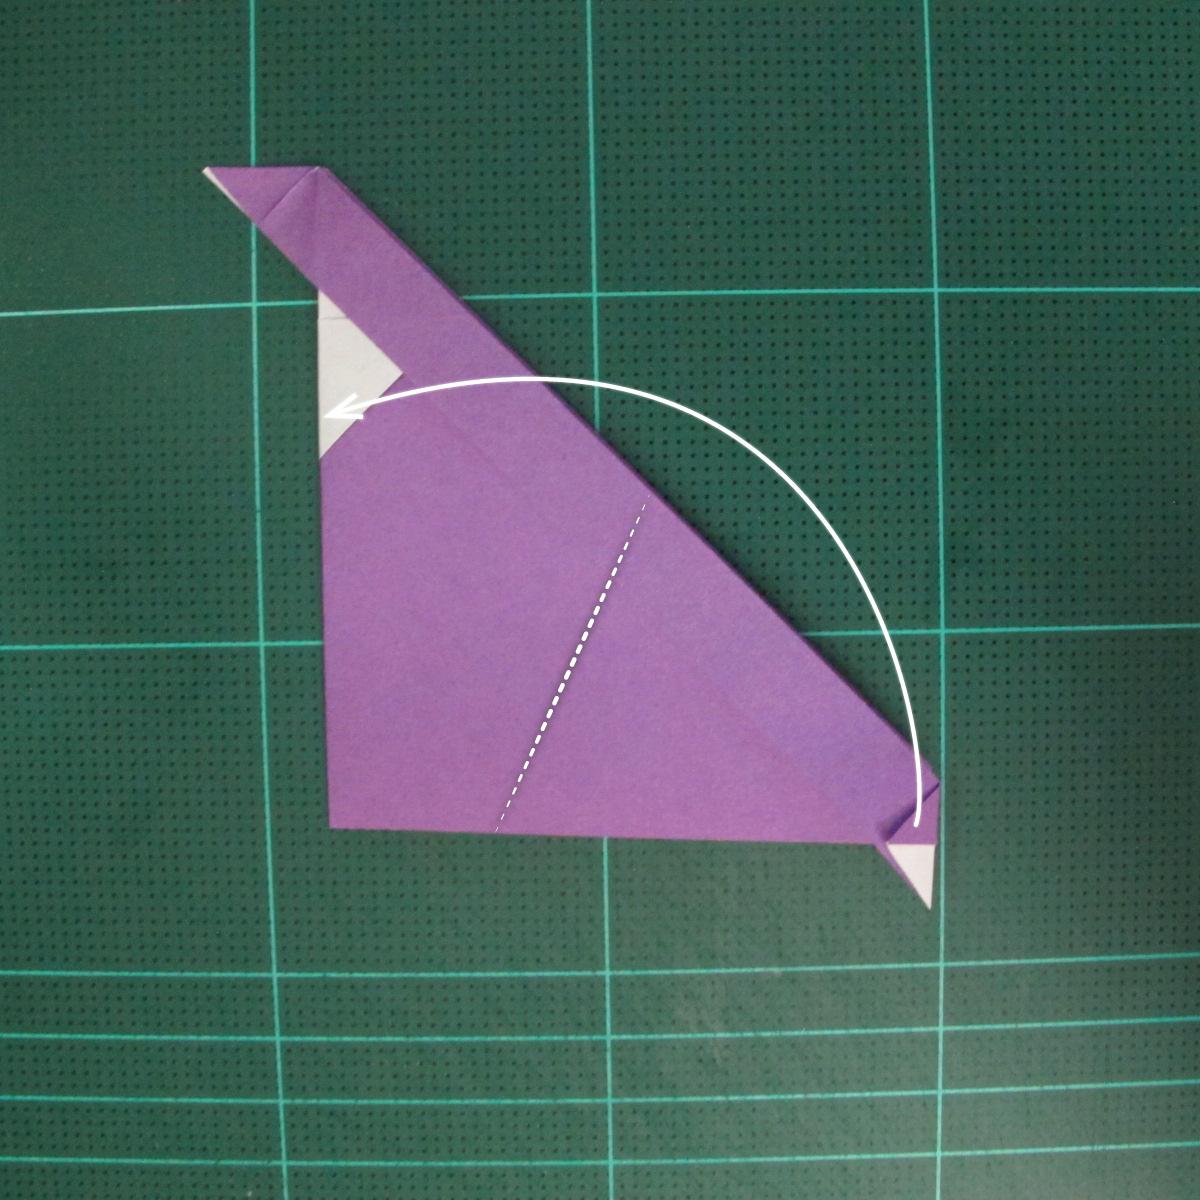 การพับกระดาษเป็นรูปแม่ชี (Origami Nun) 006